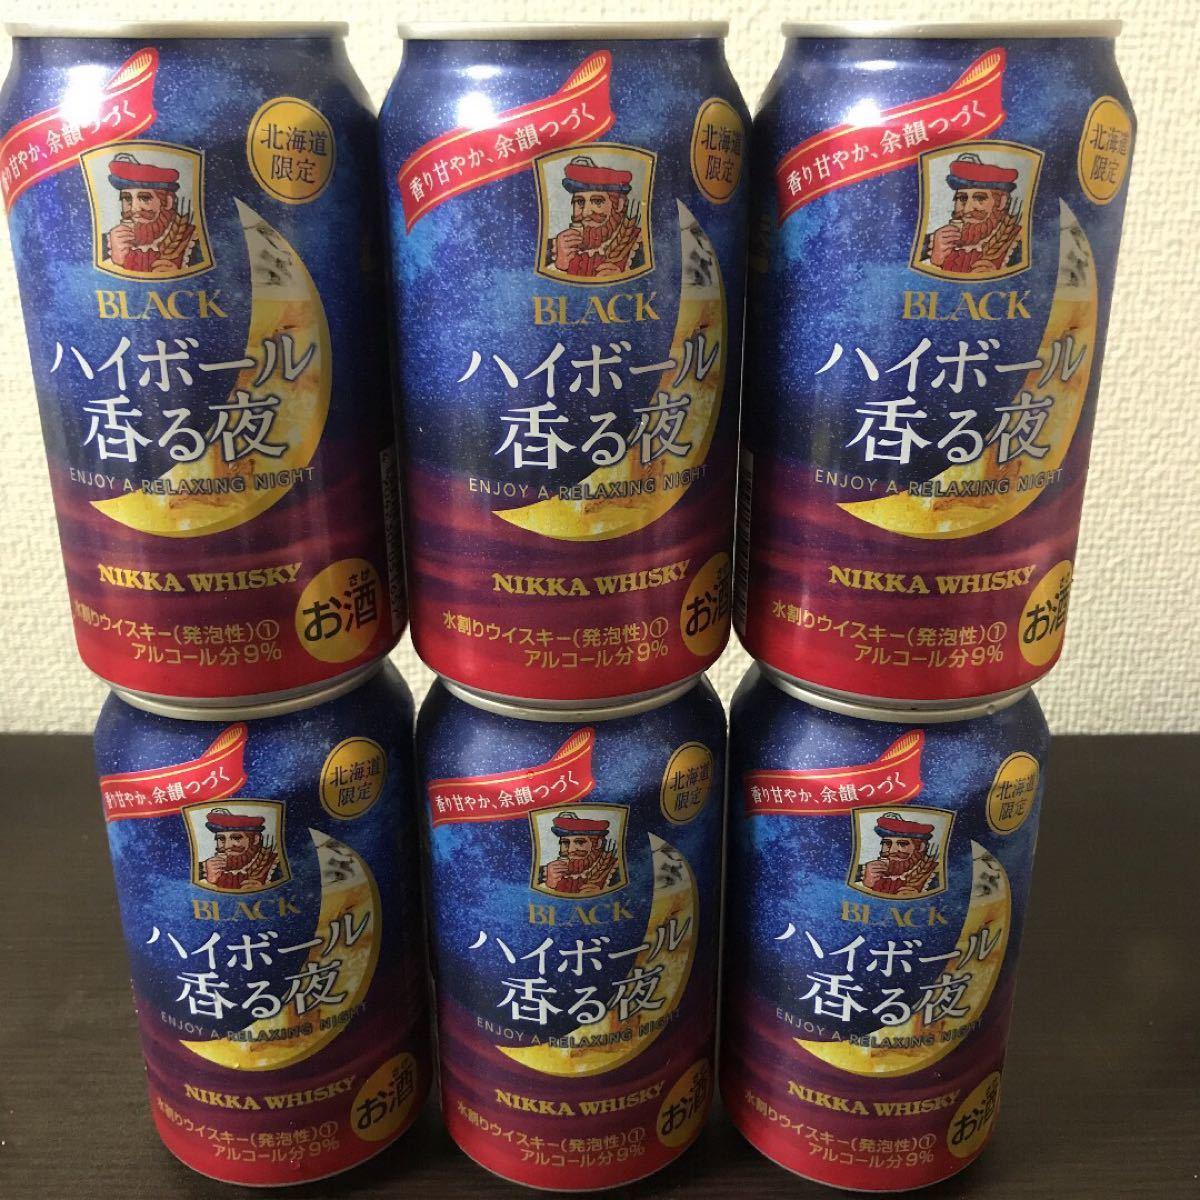 北海道限定 ブラックニッカ ハイボール 香る夜 6缶セット